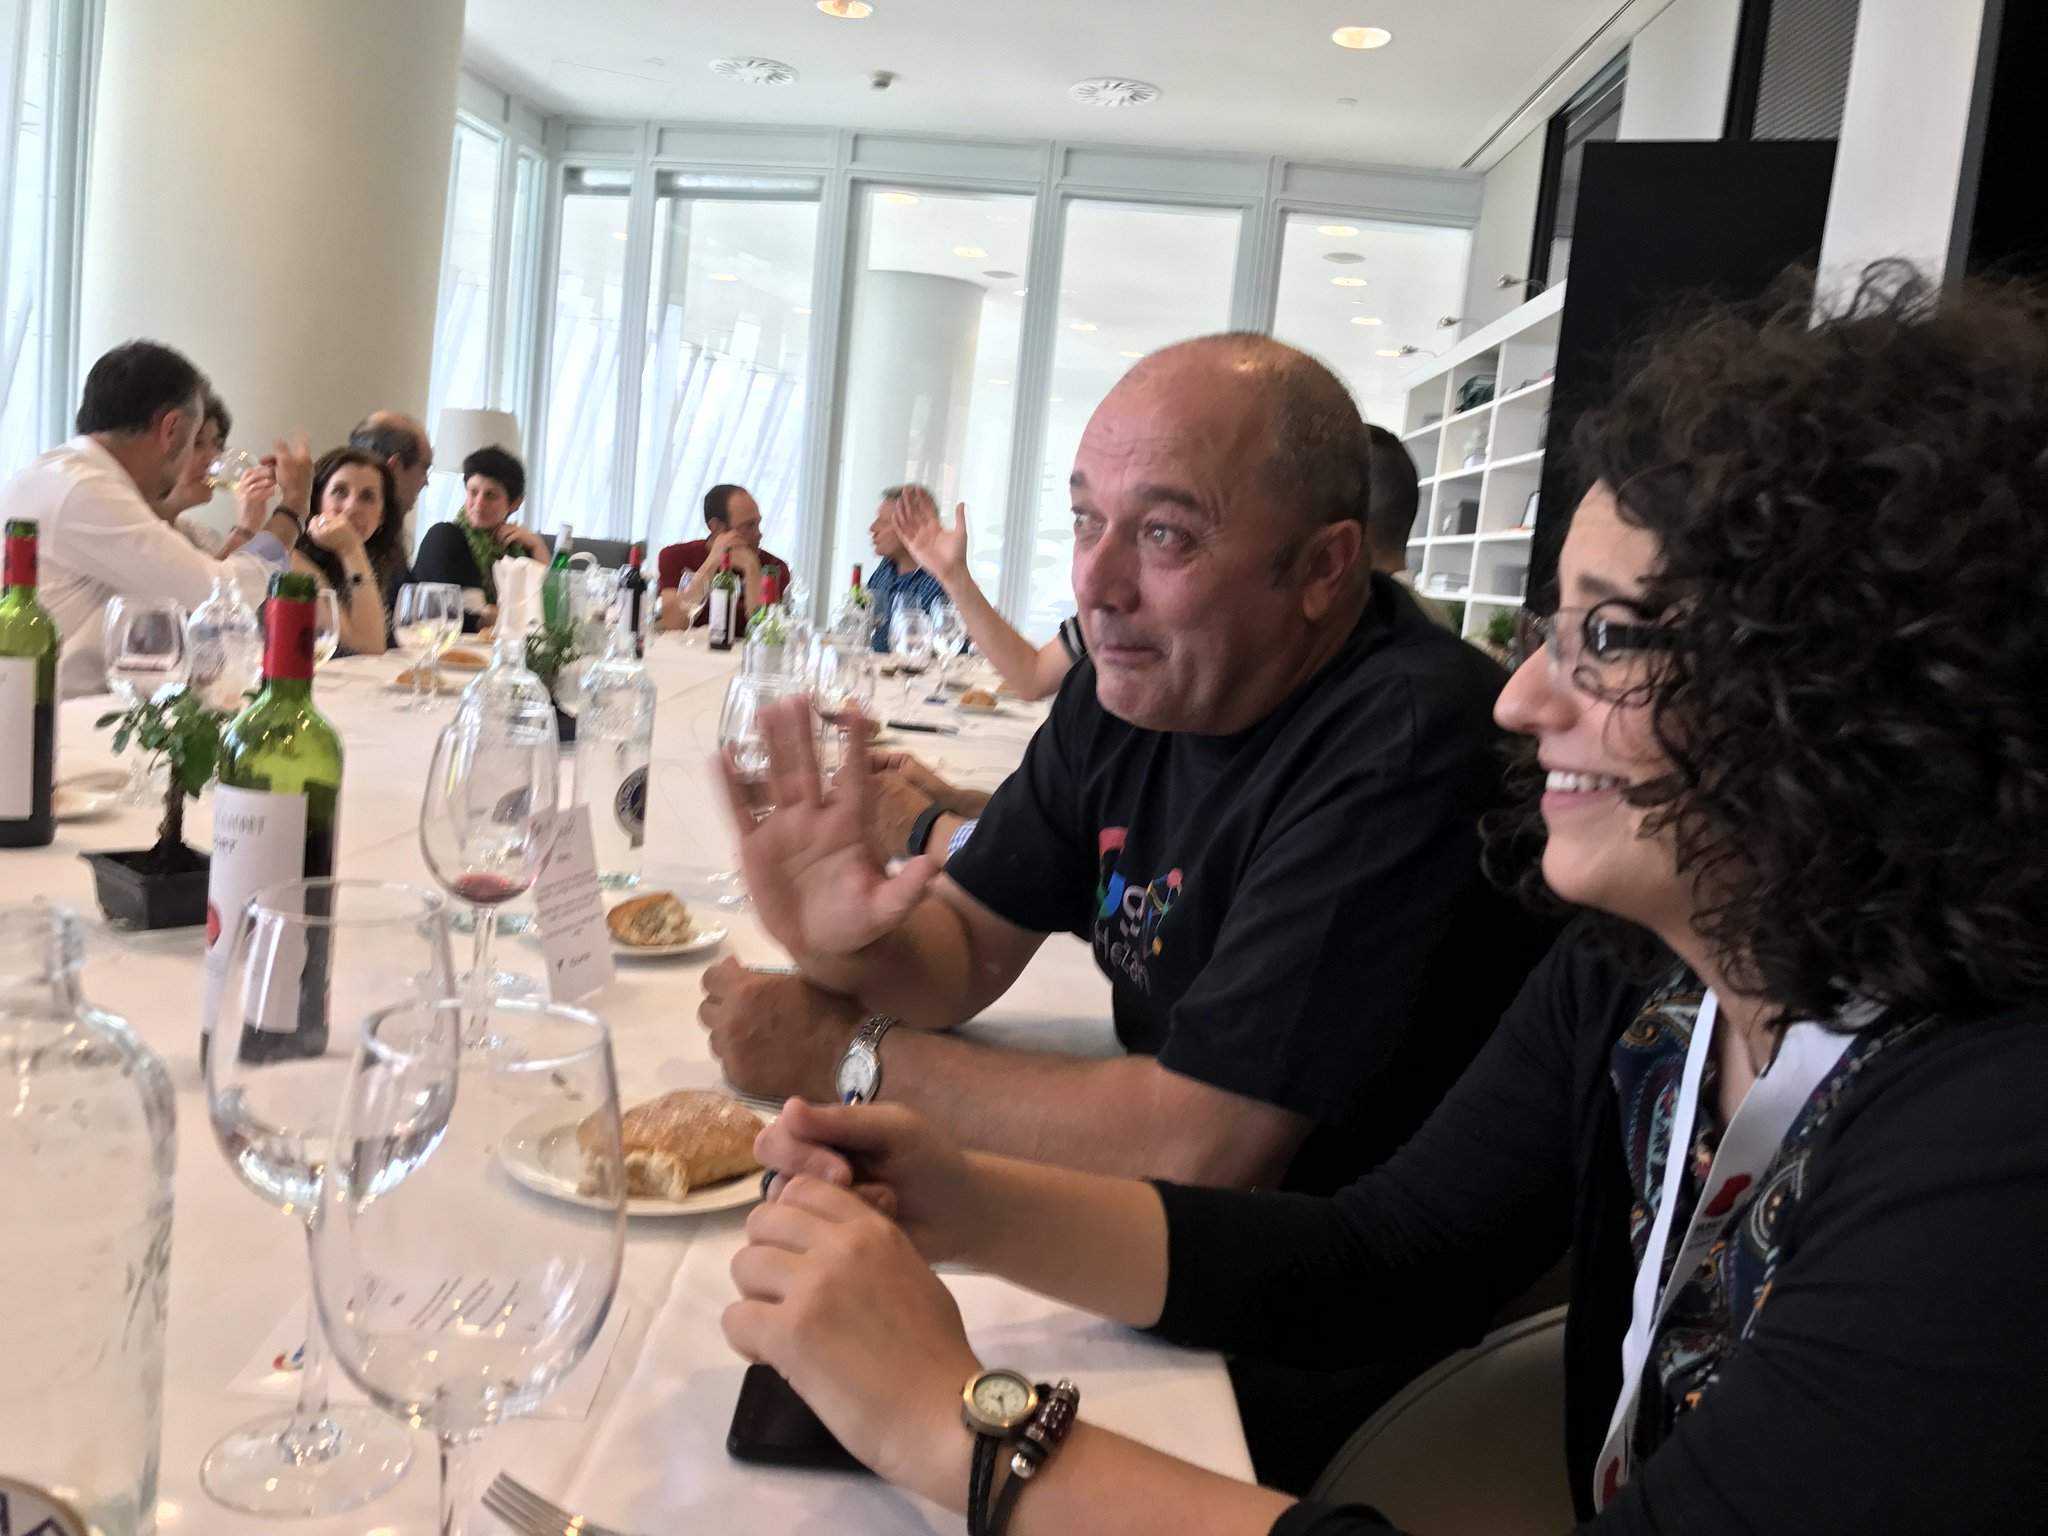 Dos testigos de mi intuición política, @anavinalsblanco y @Erikenea , a quienes en la comida de #GSH2017 pronostiqué #PrimariasPSOE https://t.co/QSdXHV24Fa